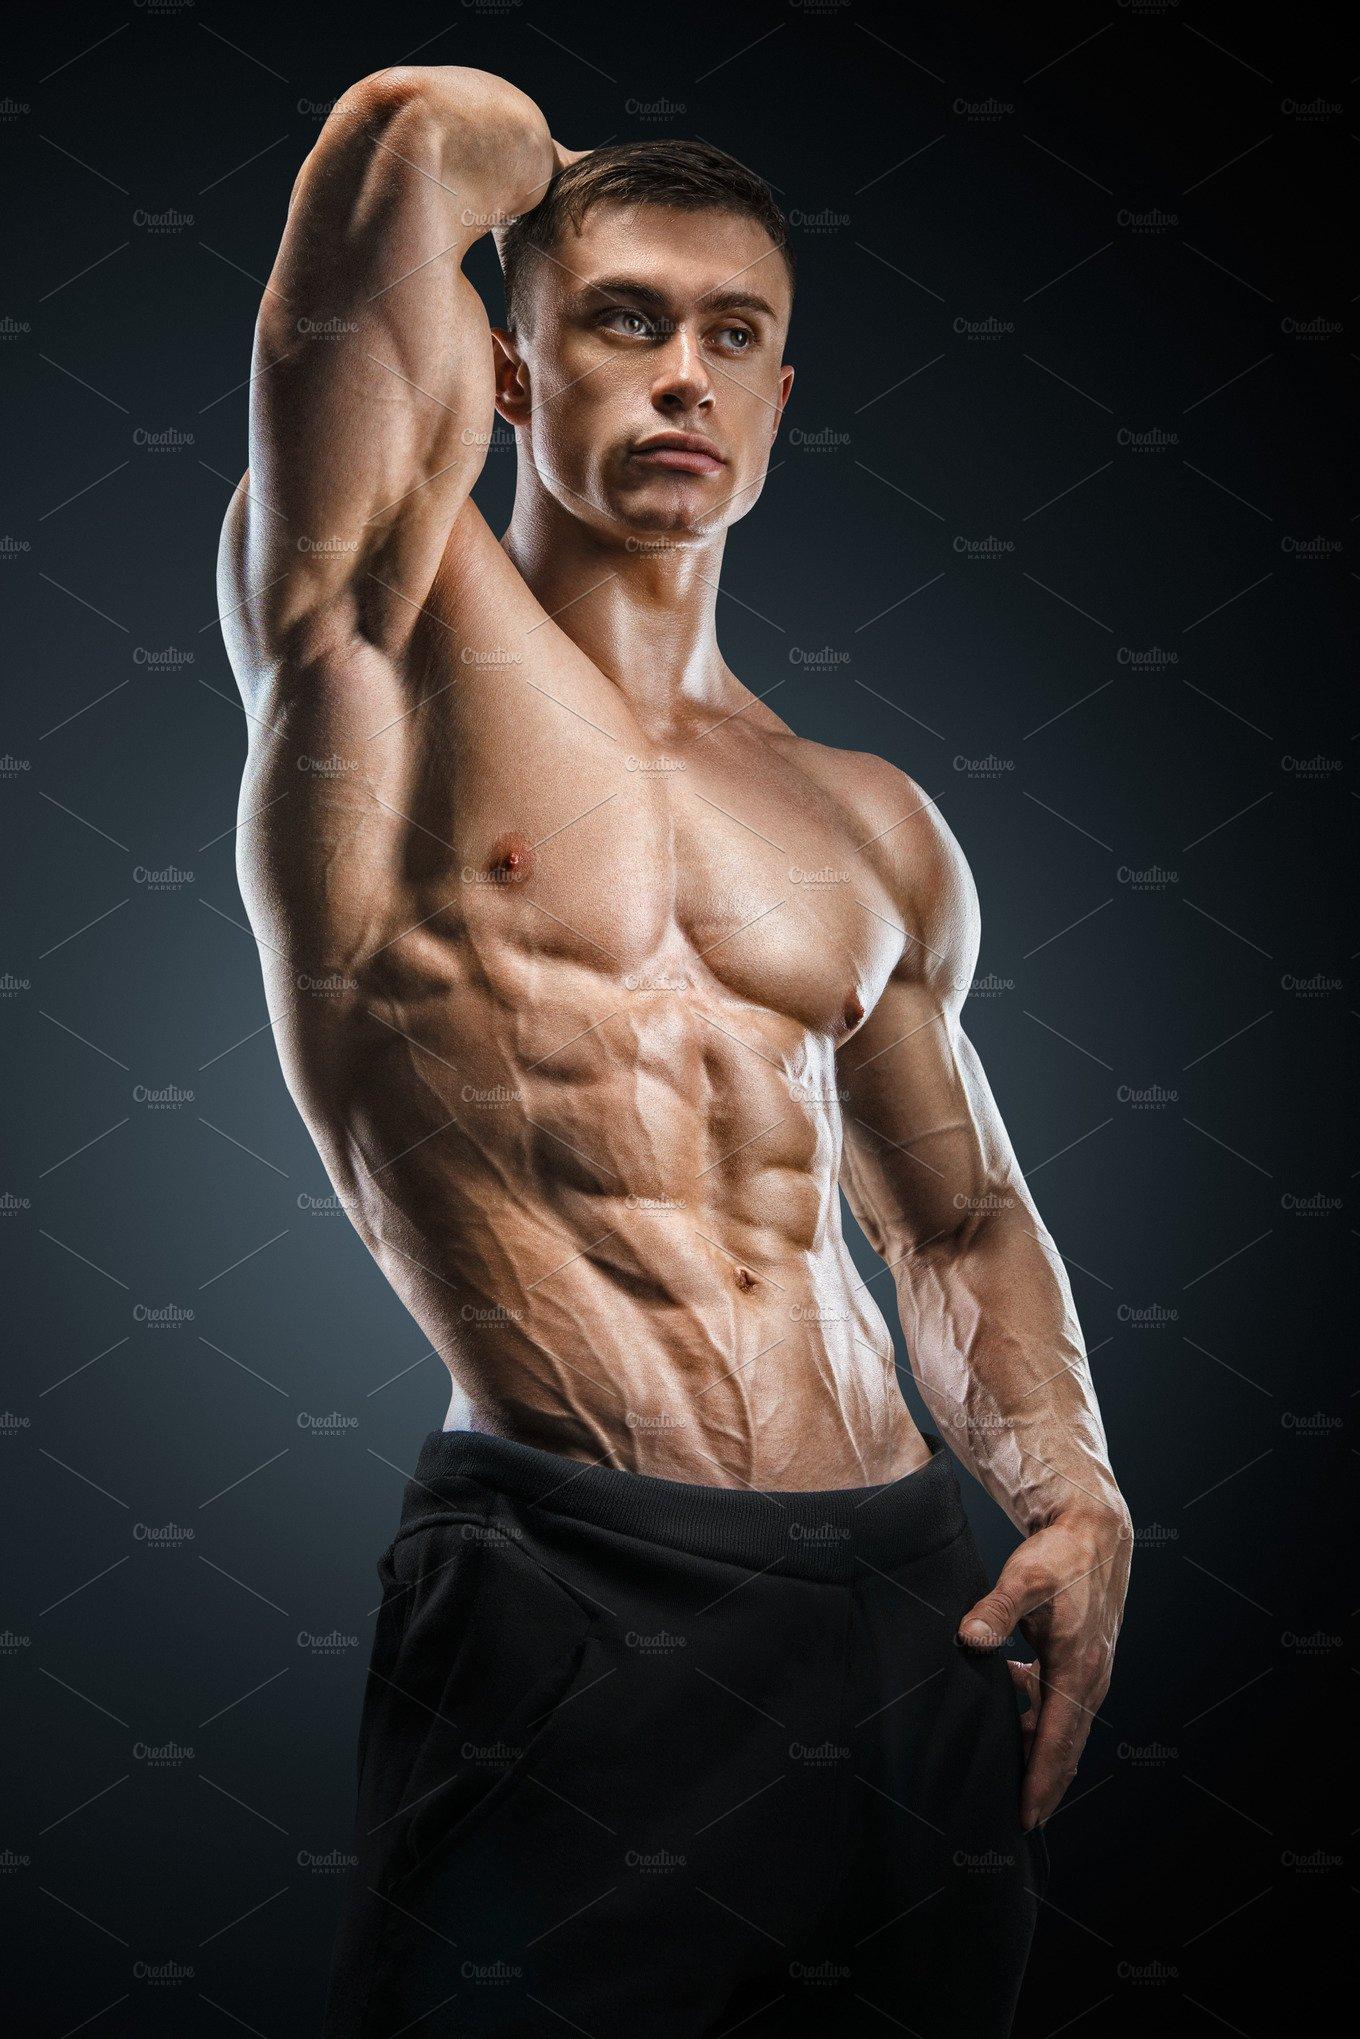 Muscle gallery: Men body